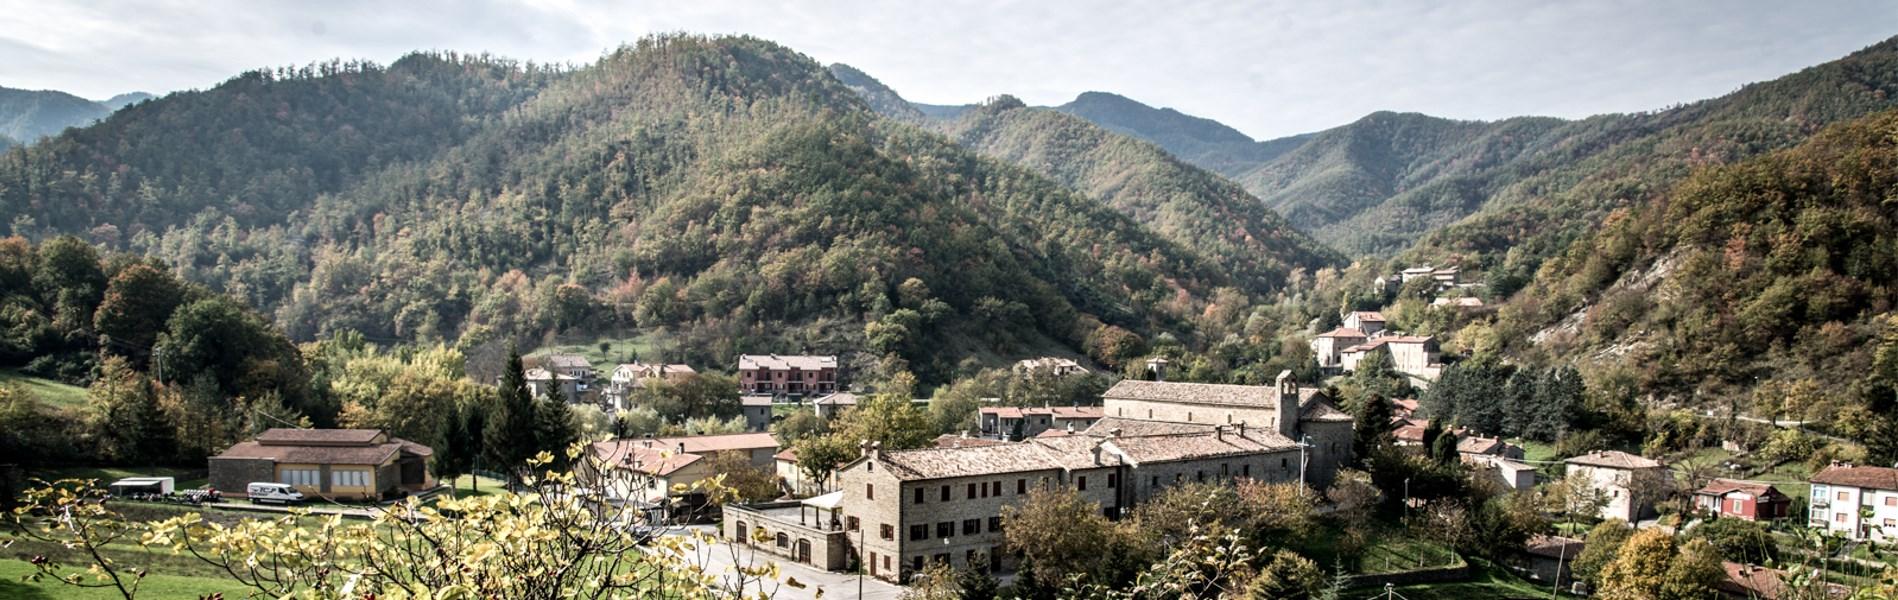 Borgo Pace (PU)